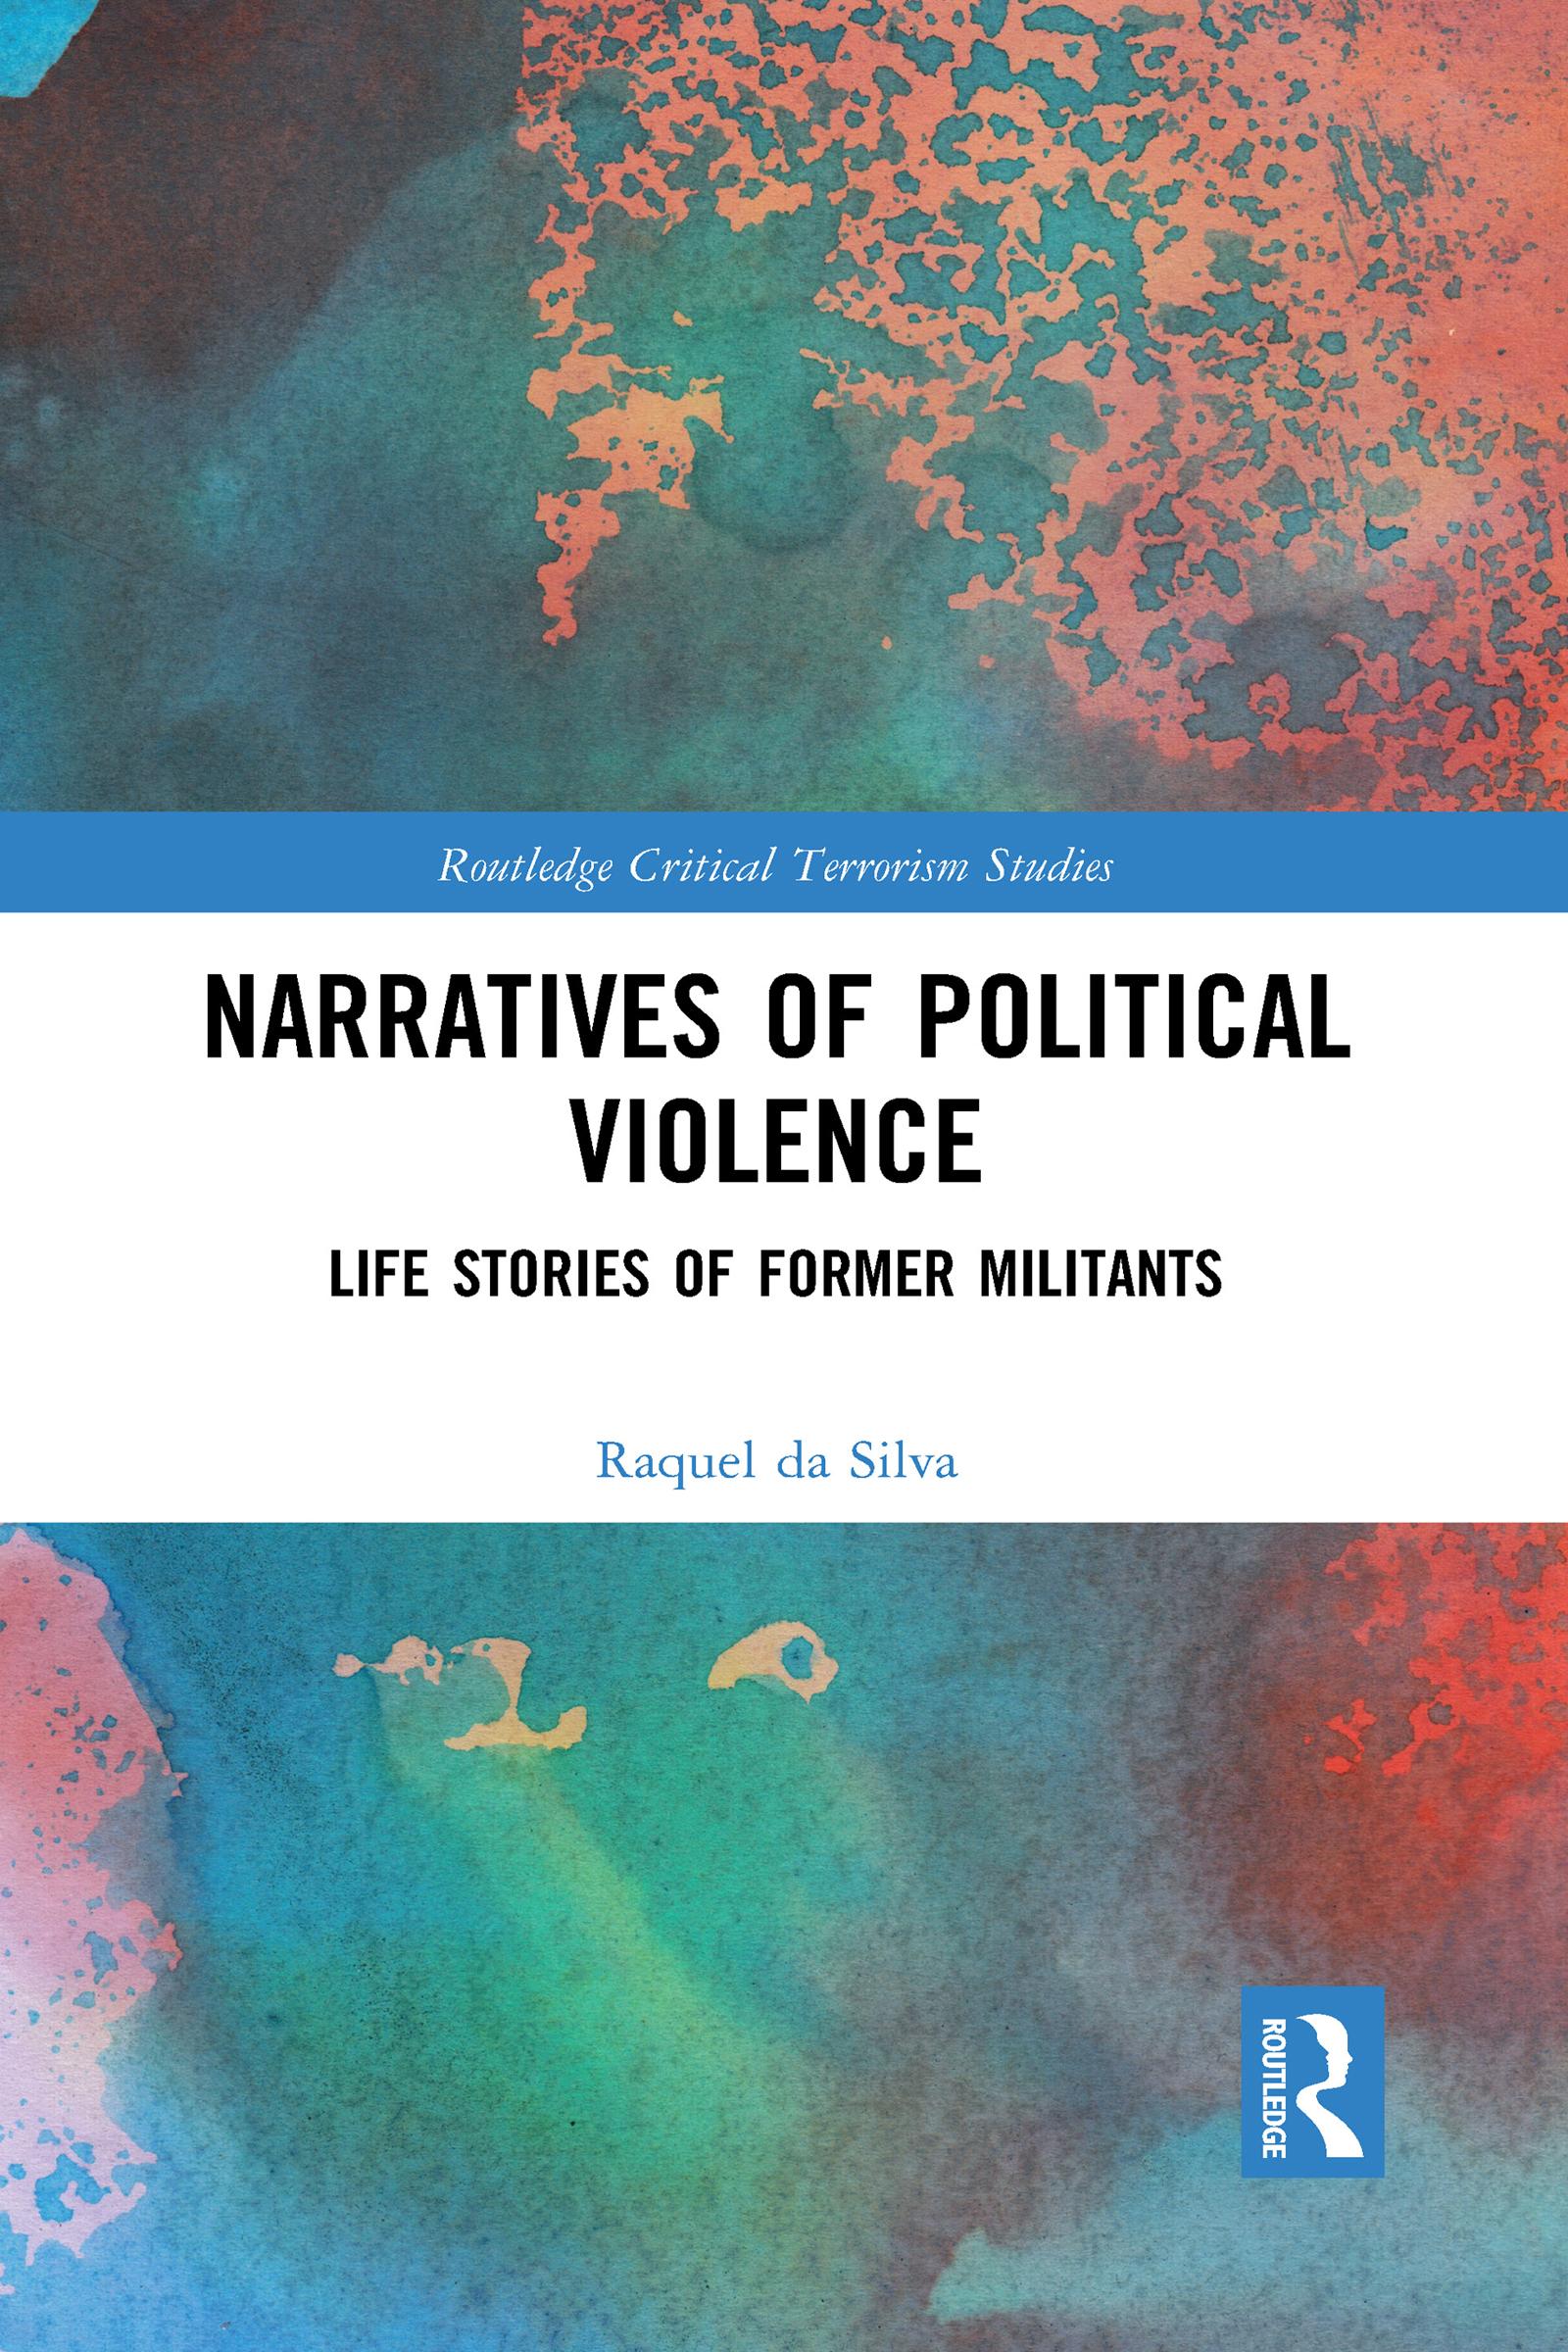 Narratives of Political Violence